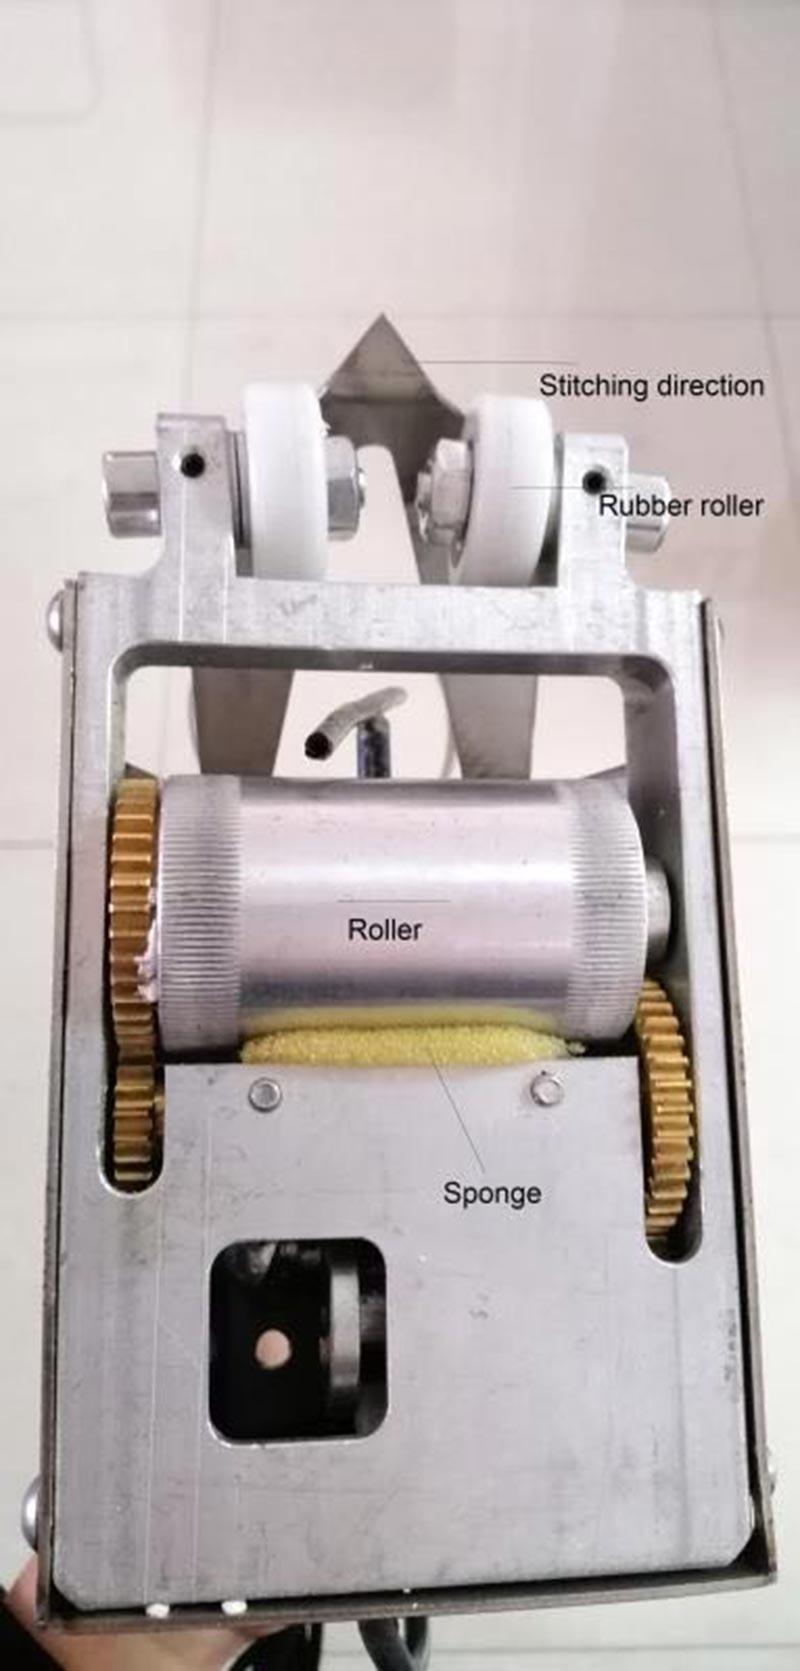 швейная машина для шпона вручную для шитья шпона небольшого размера.